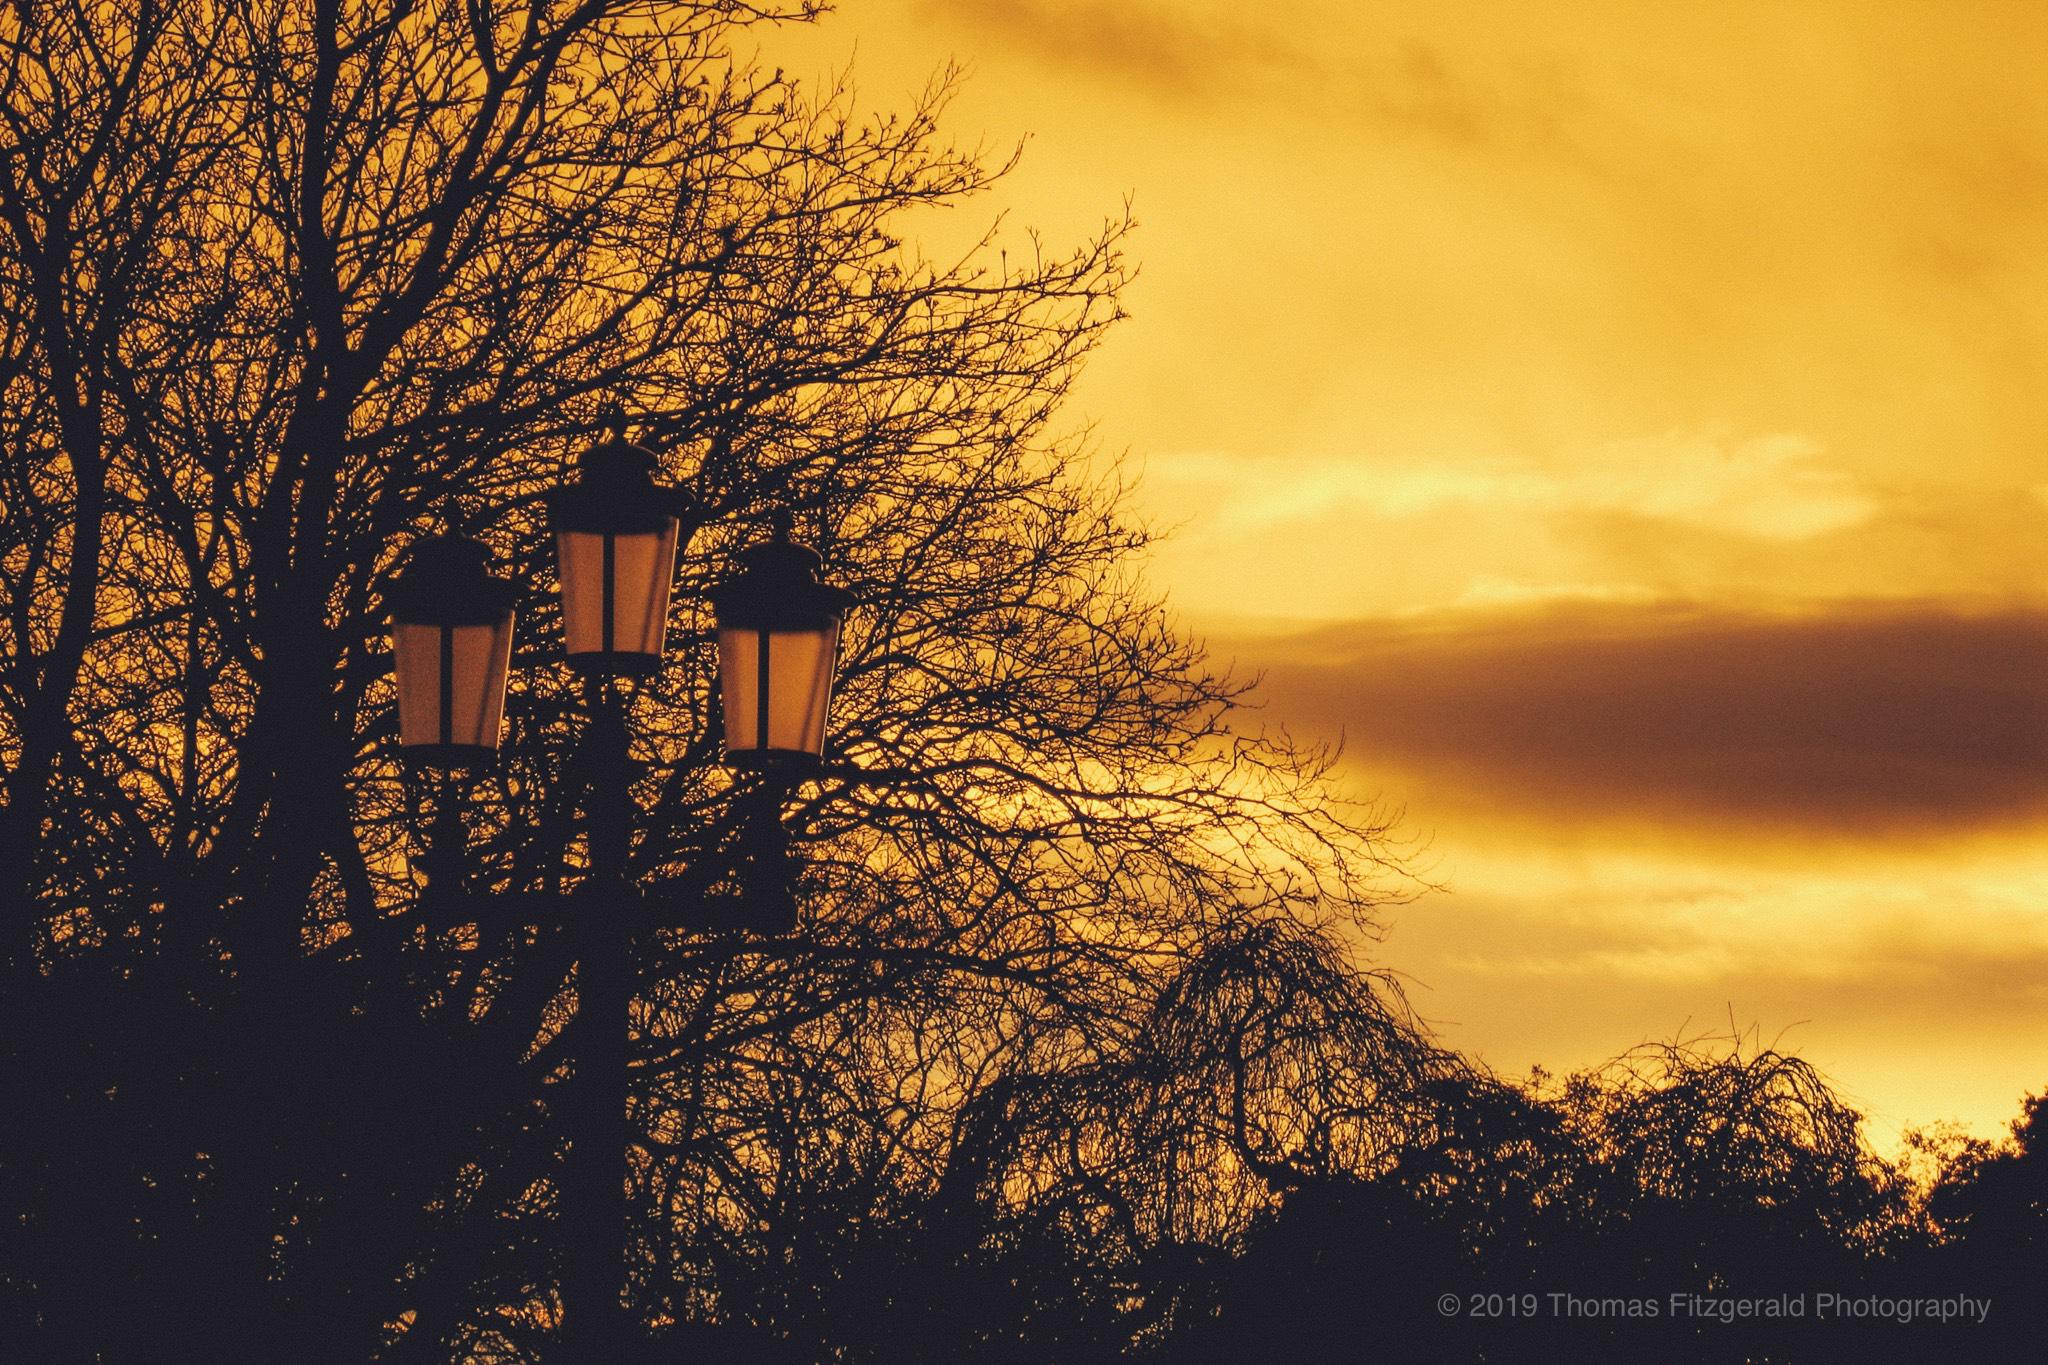 Sunset over Dublin at Stephen's Green